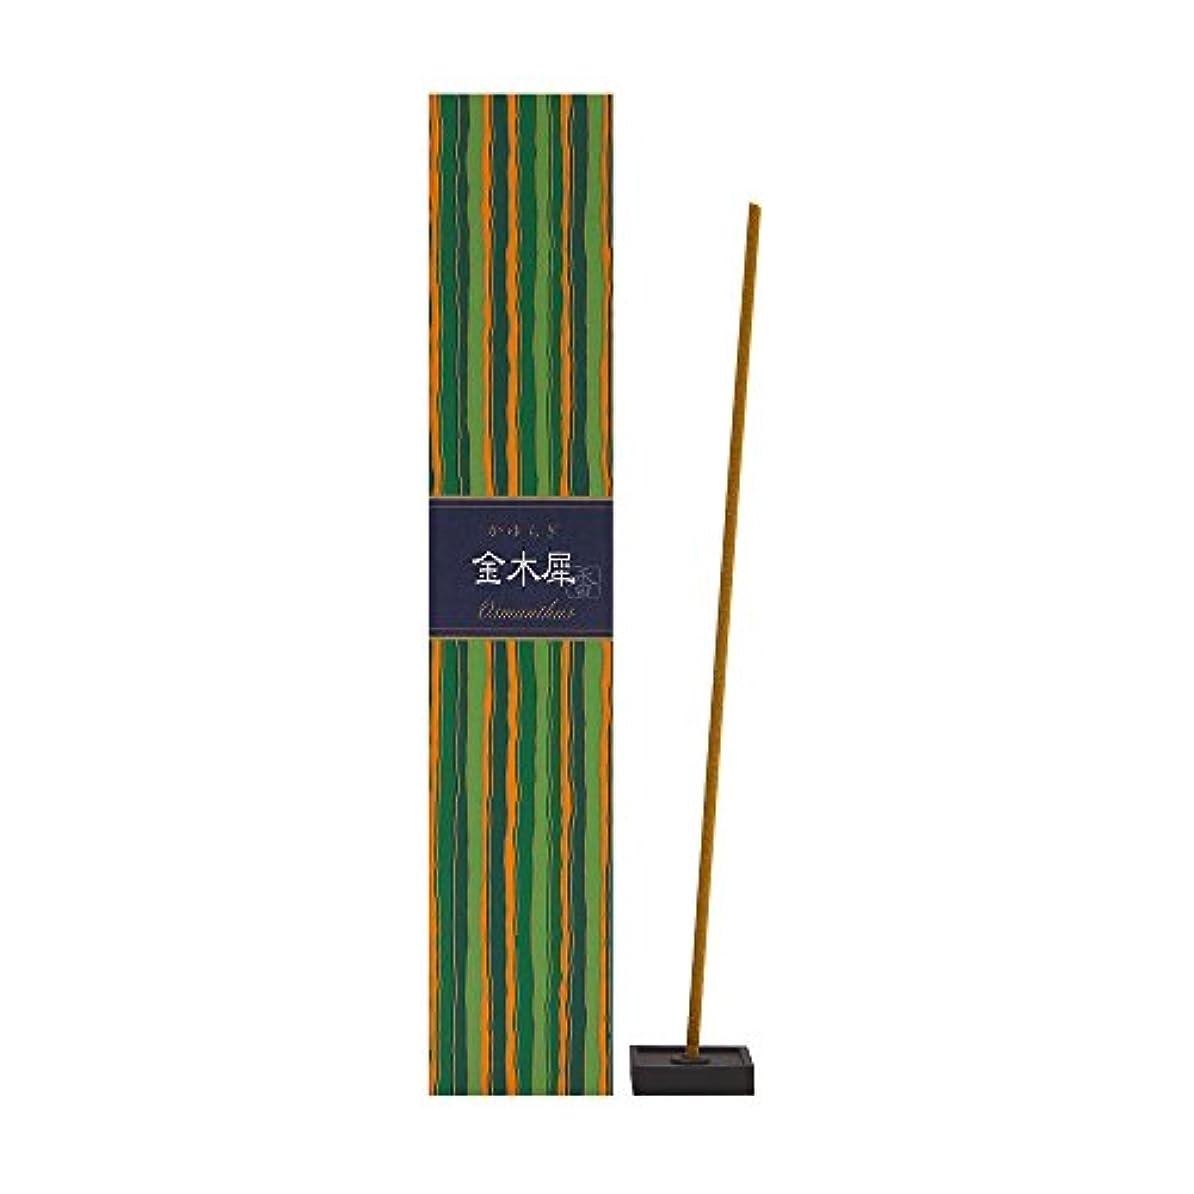 楽しむシビック福祉Nippon Kodo – Kayuragi – Osmanthus 40 Sticks 1 38404